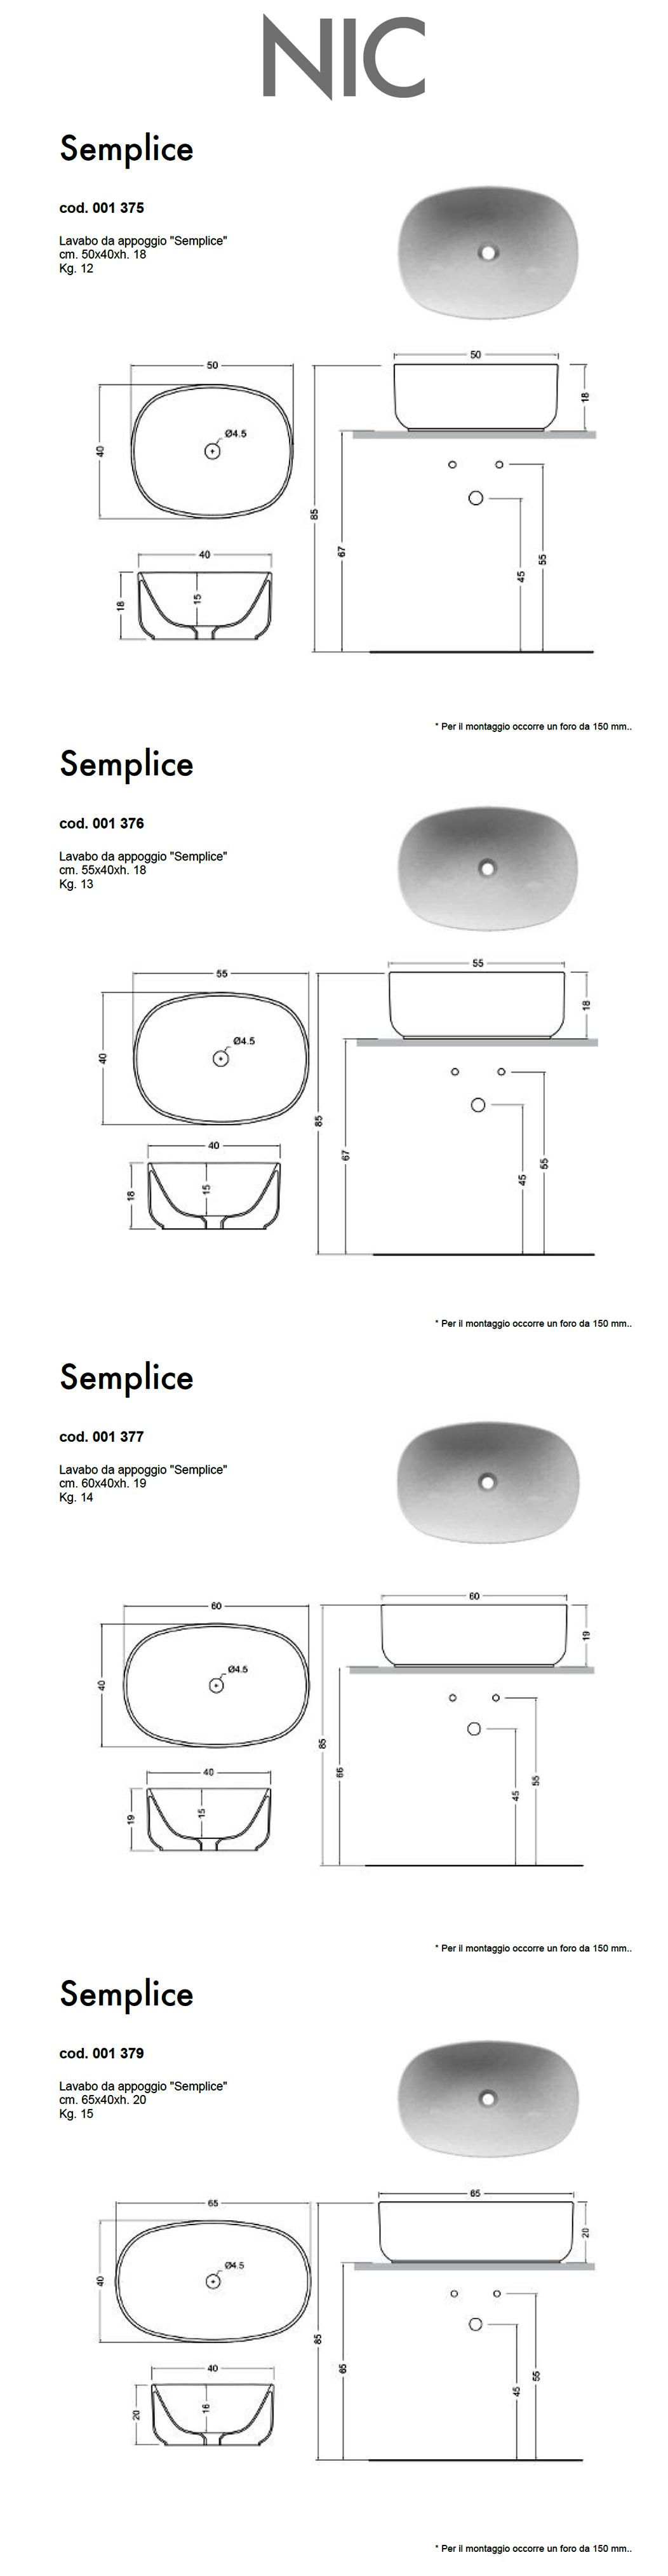 corretta_scheda_tecnica_lavabo_da_appoggio_nic_design_semplice